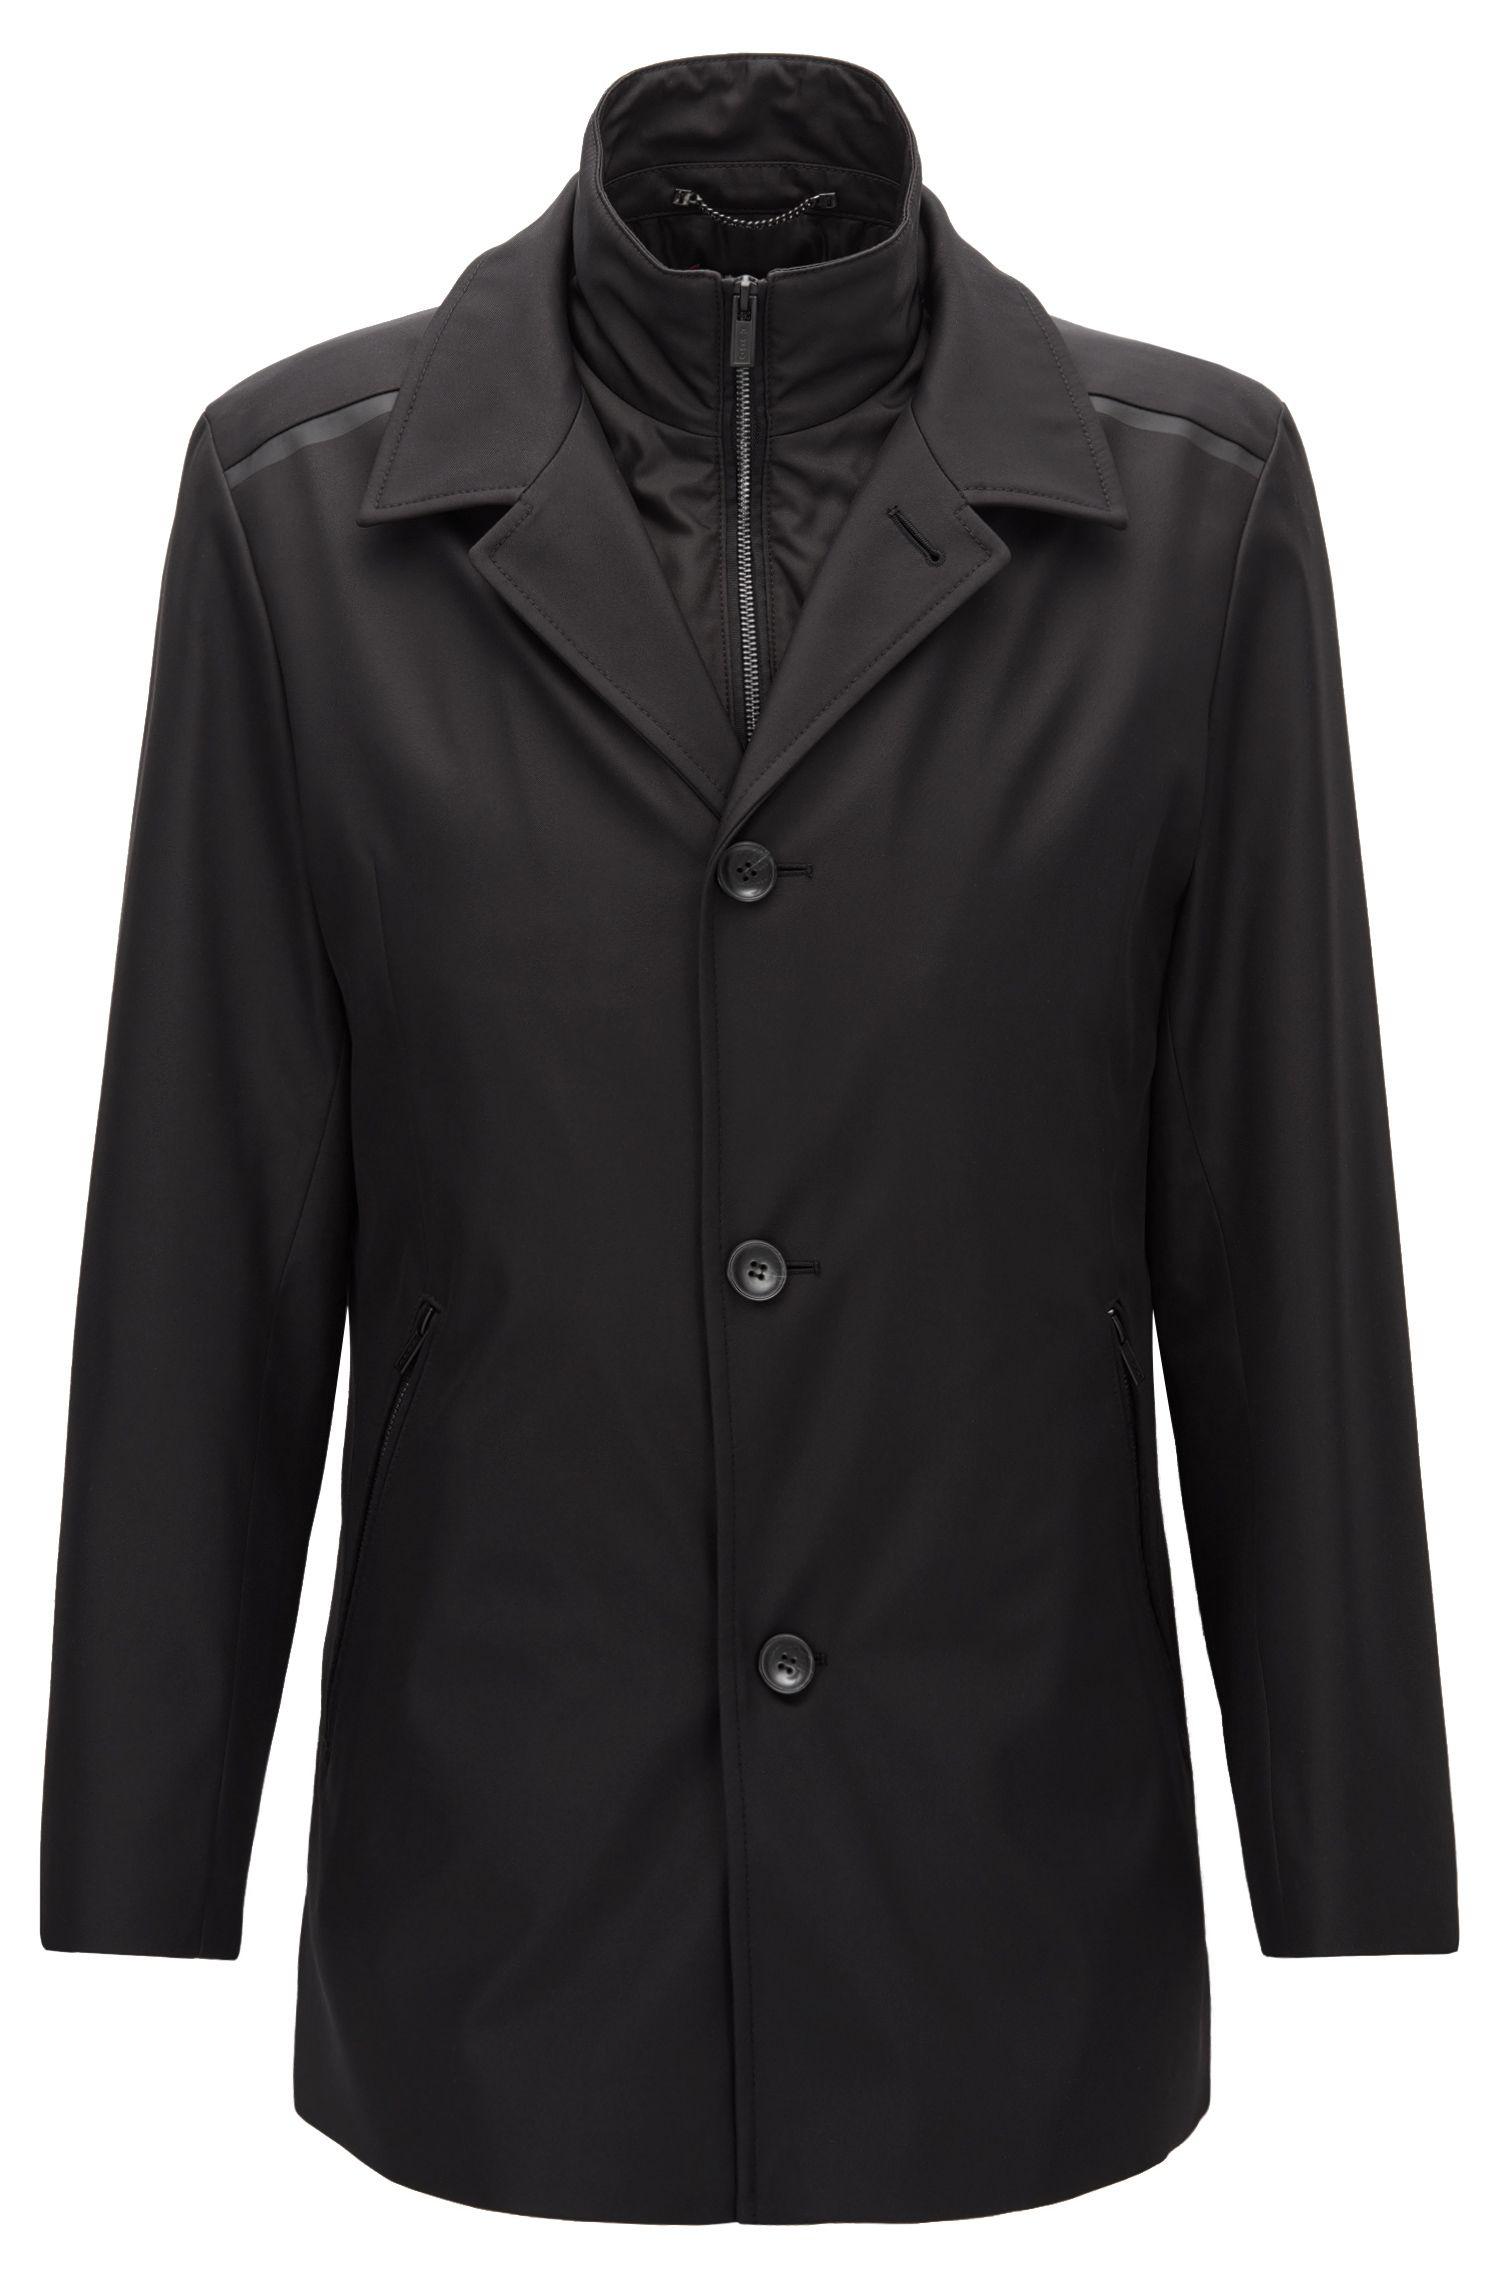 Lined Nylon Jacket | Barelto, Black